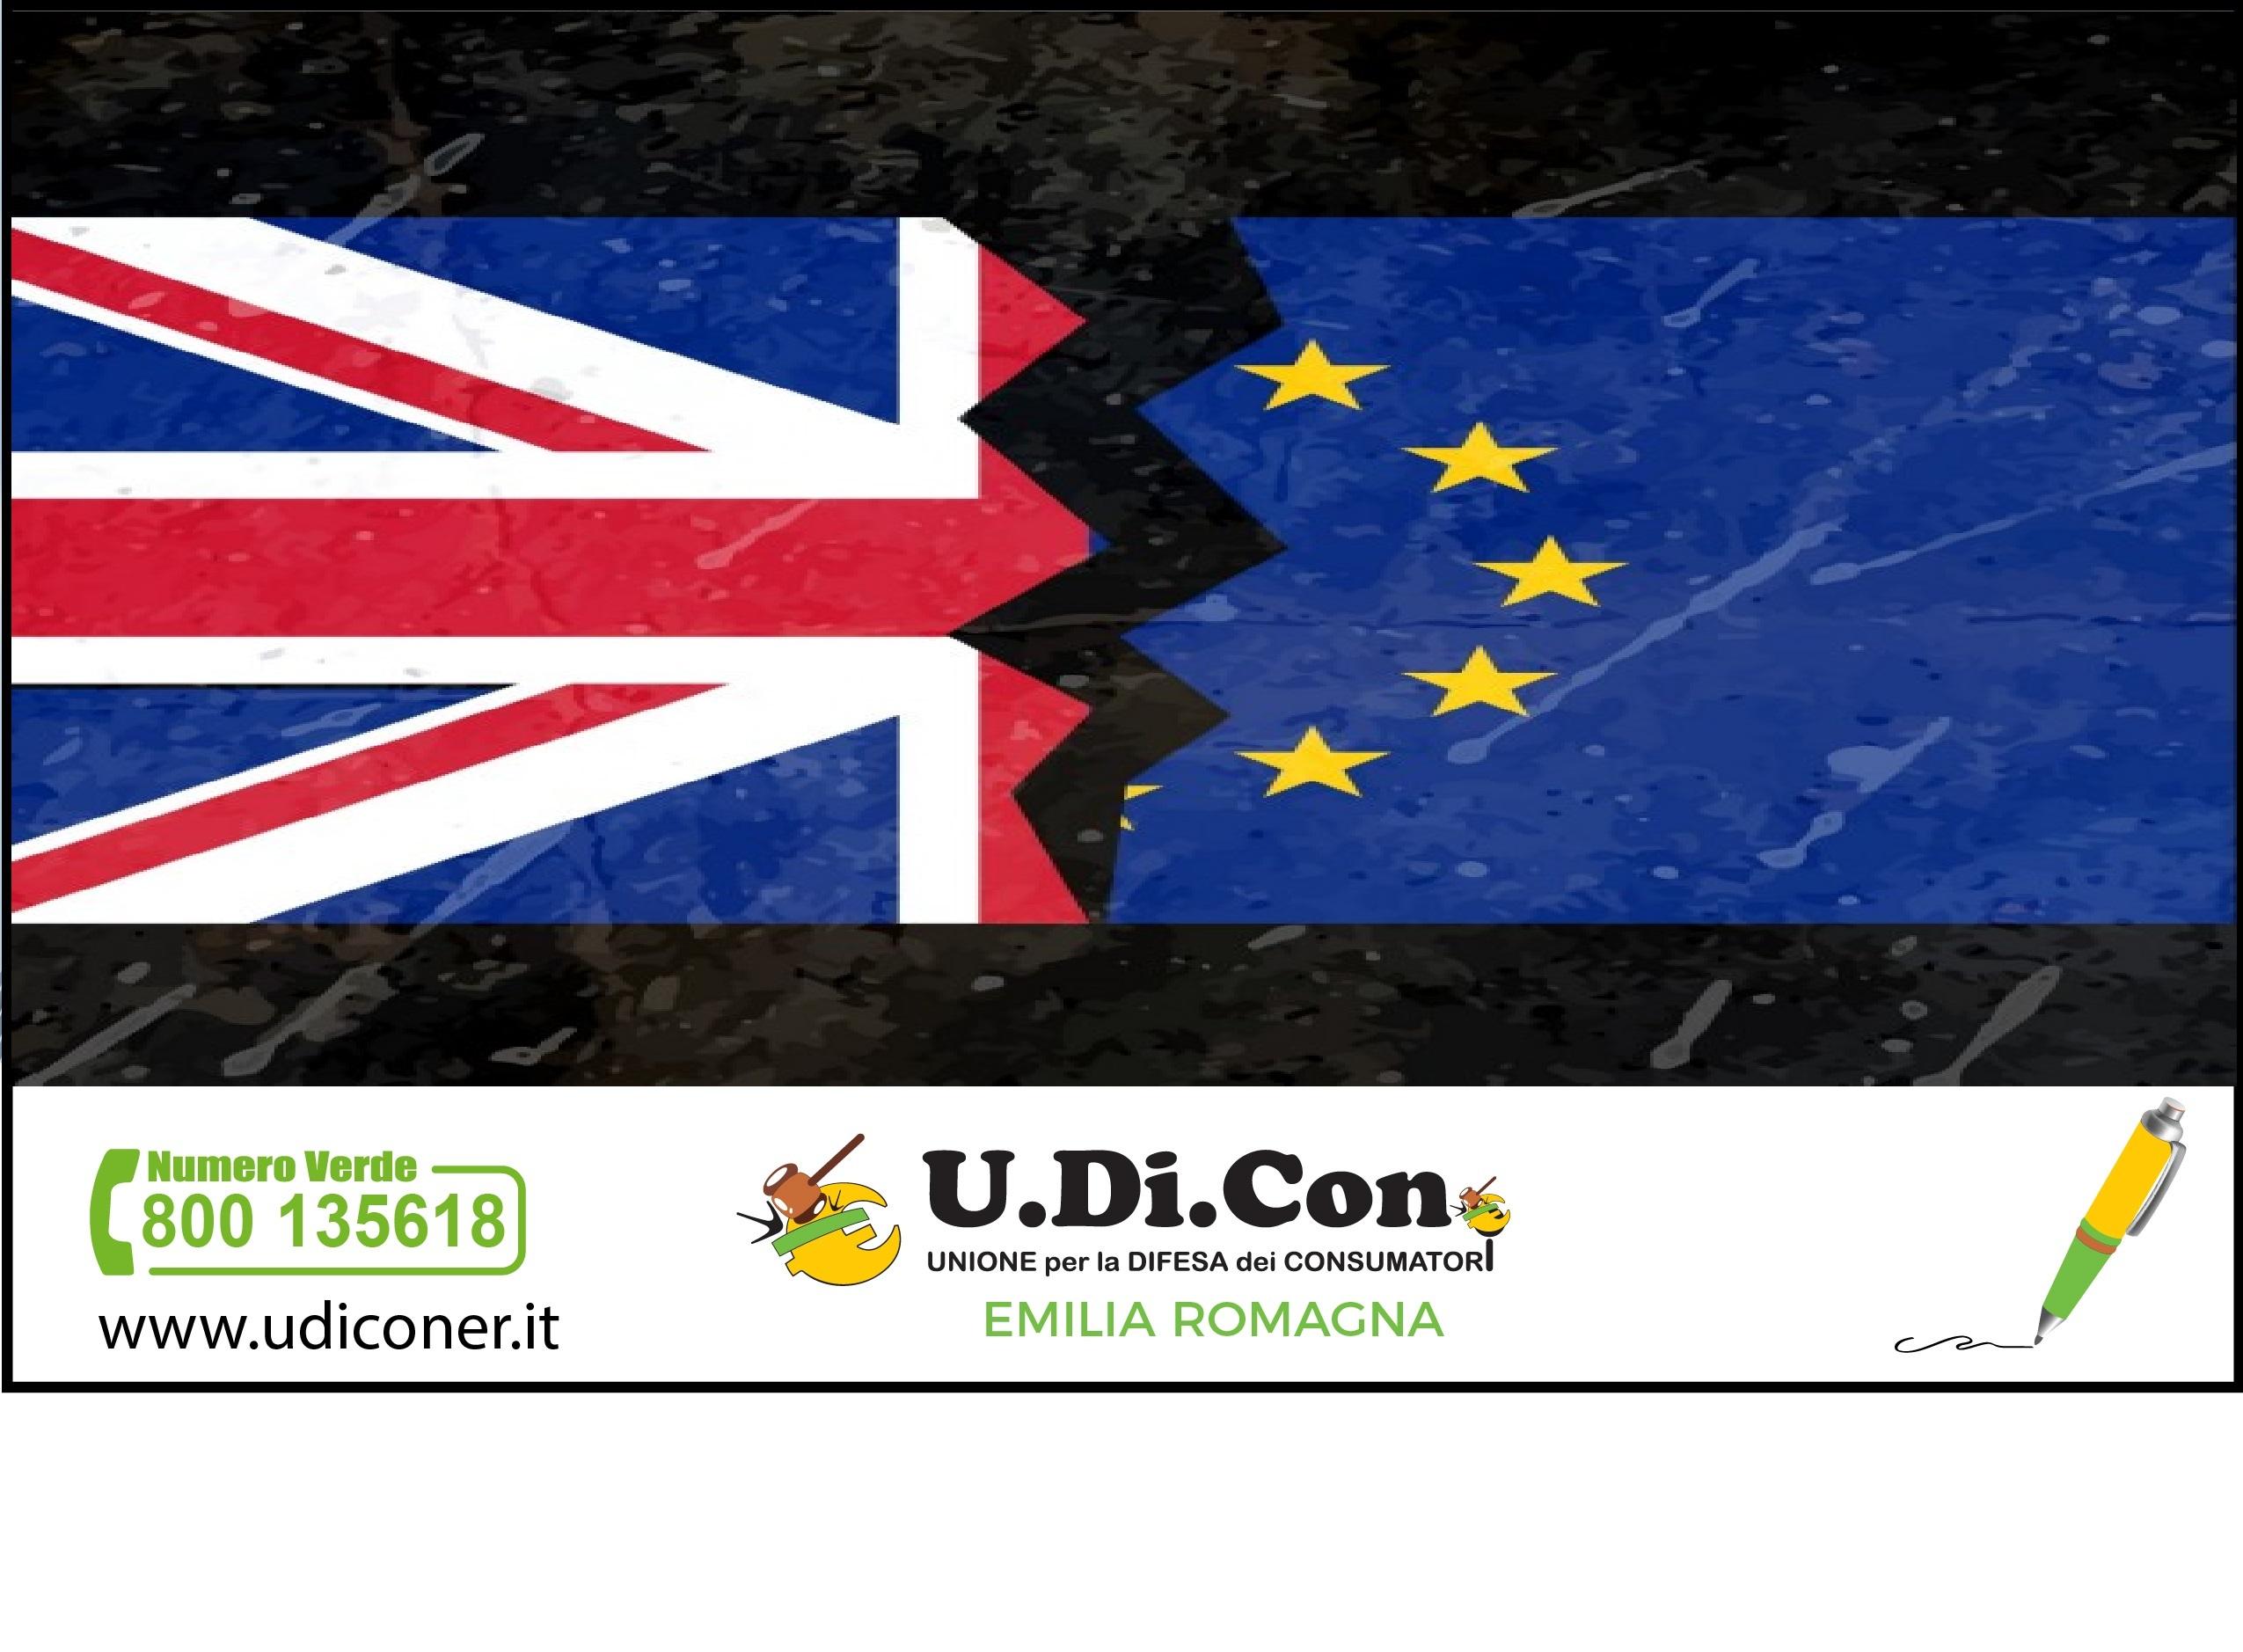 Acquisti on-line dal Regno Unito: quali sono i rischi per i consumatori con la Brexit?